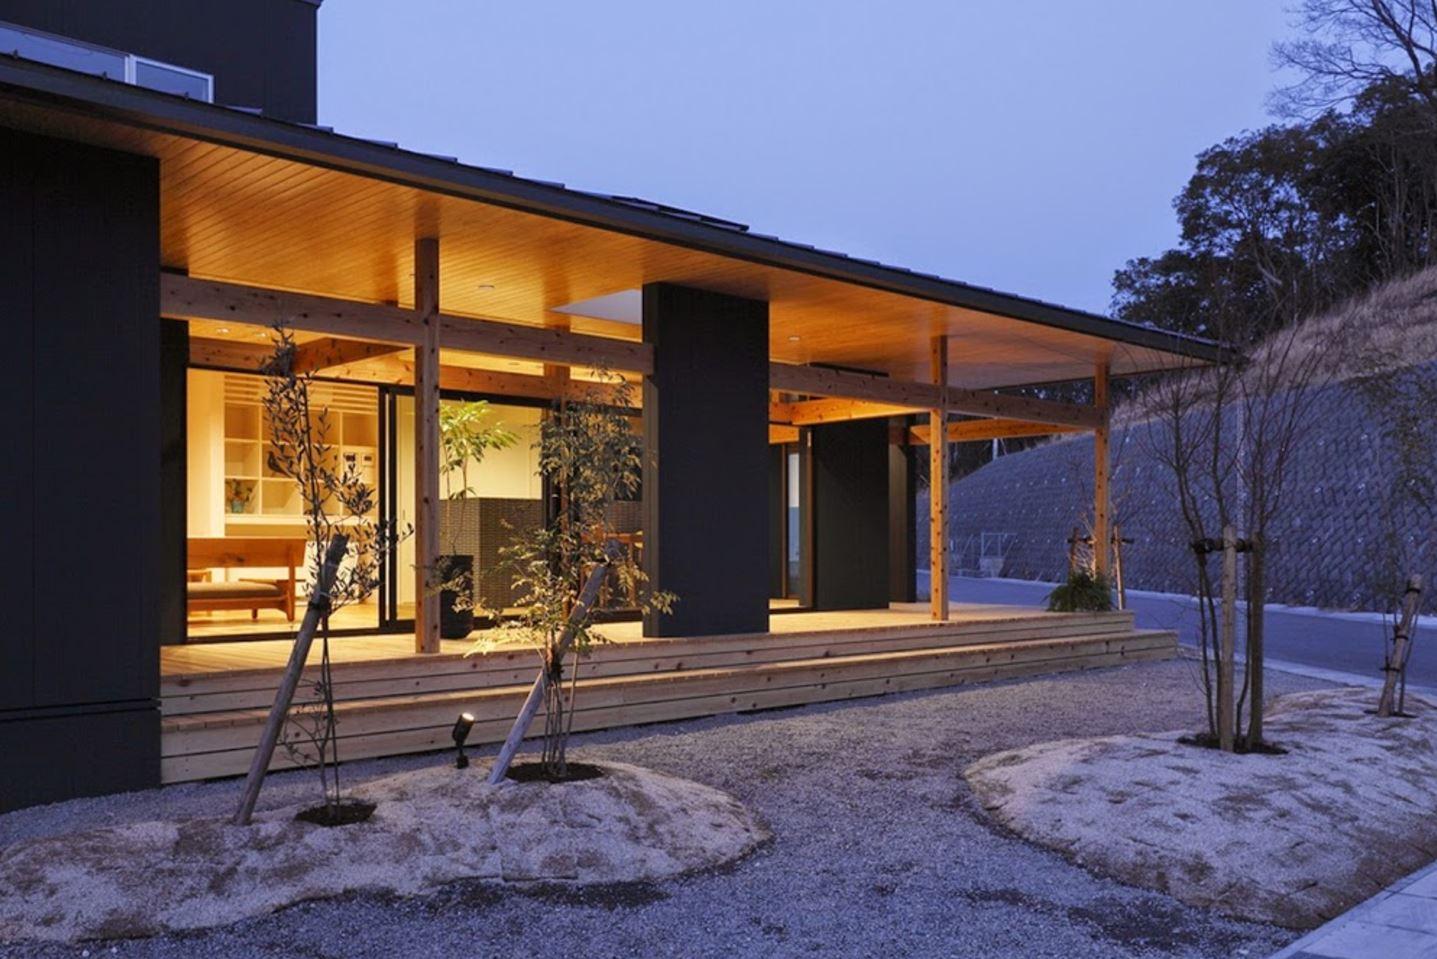 casas japonesas modernas planos